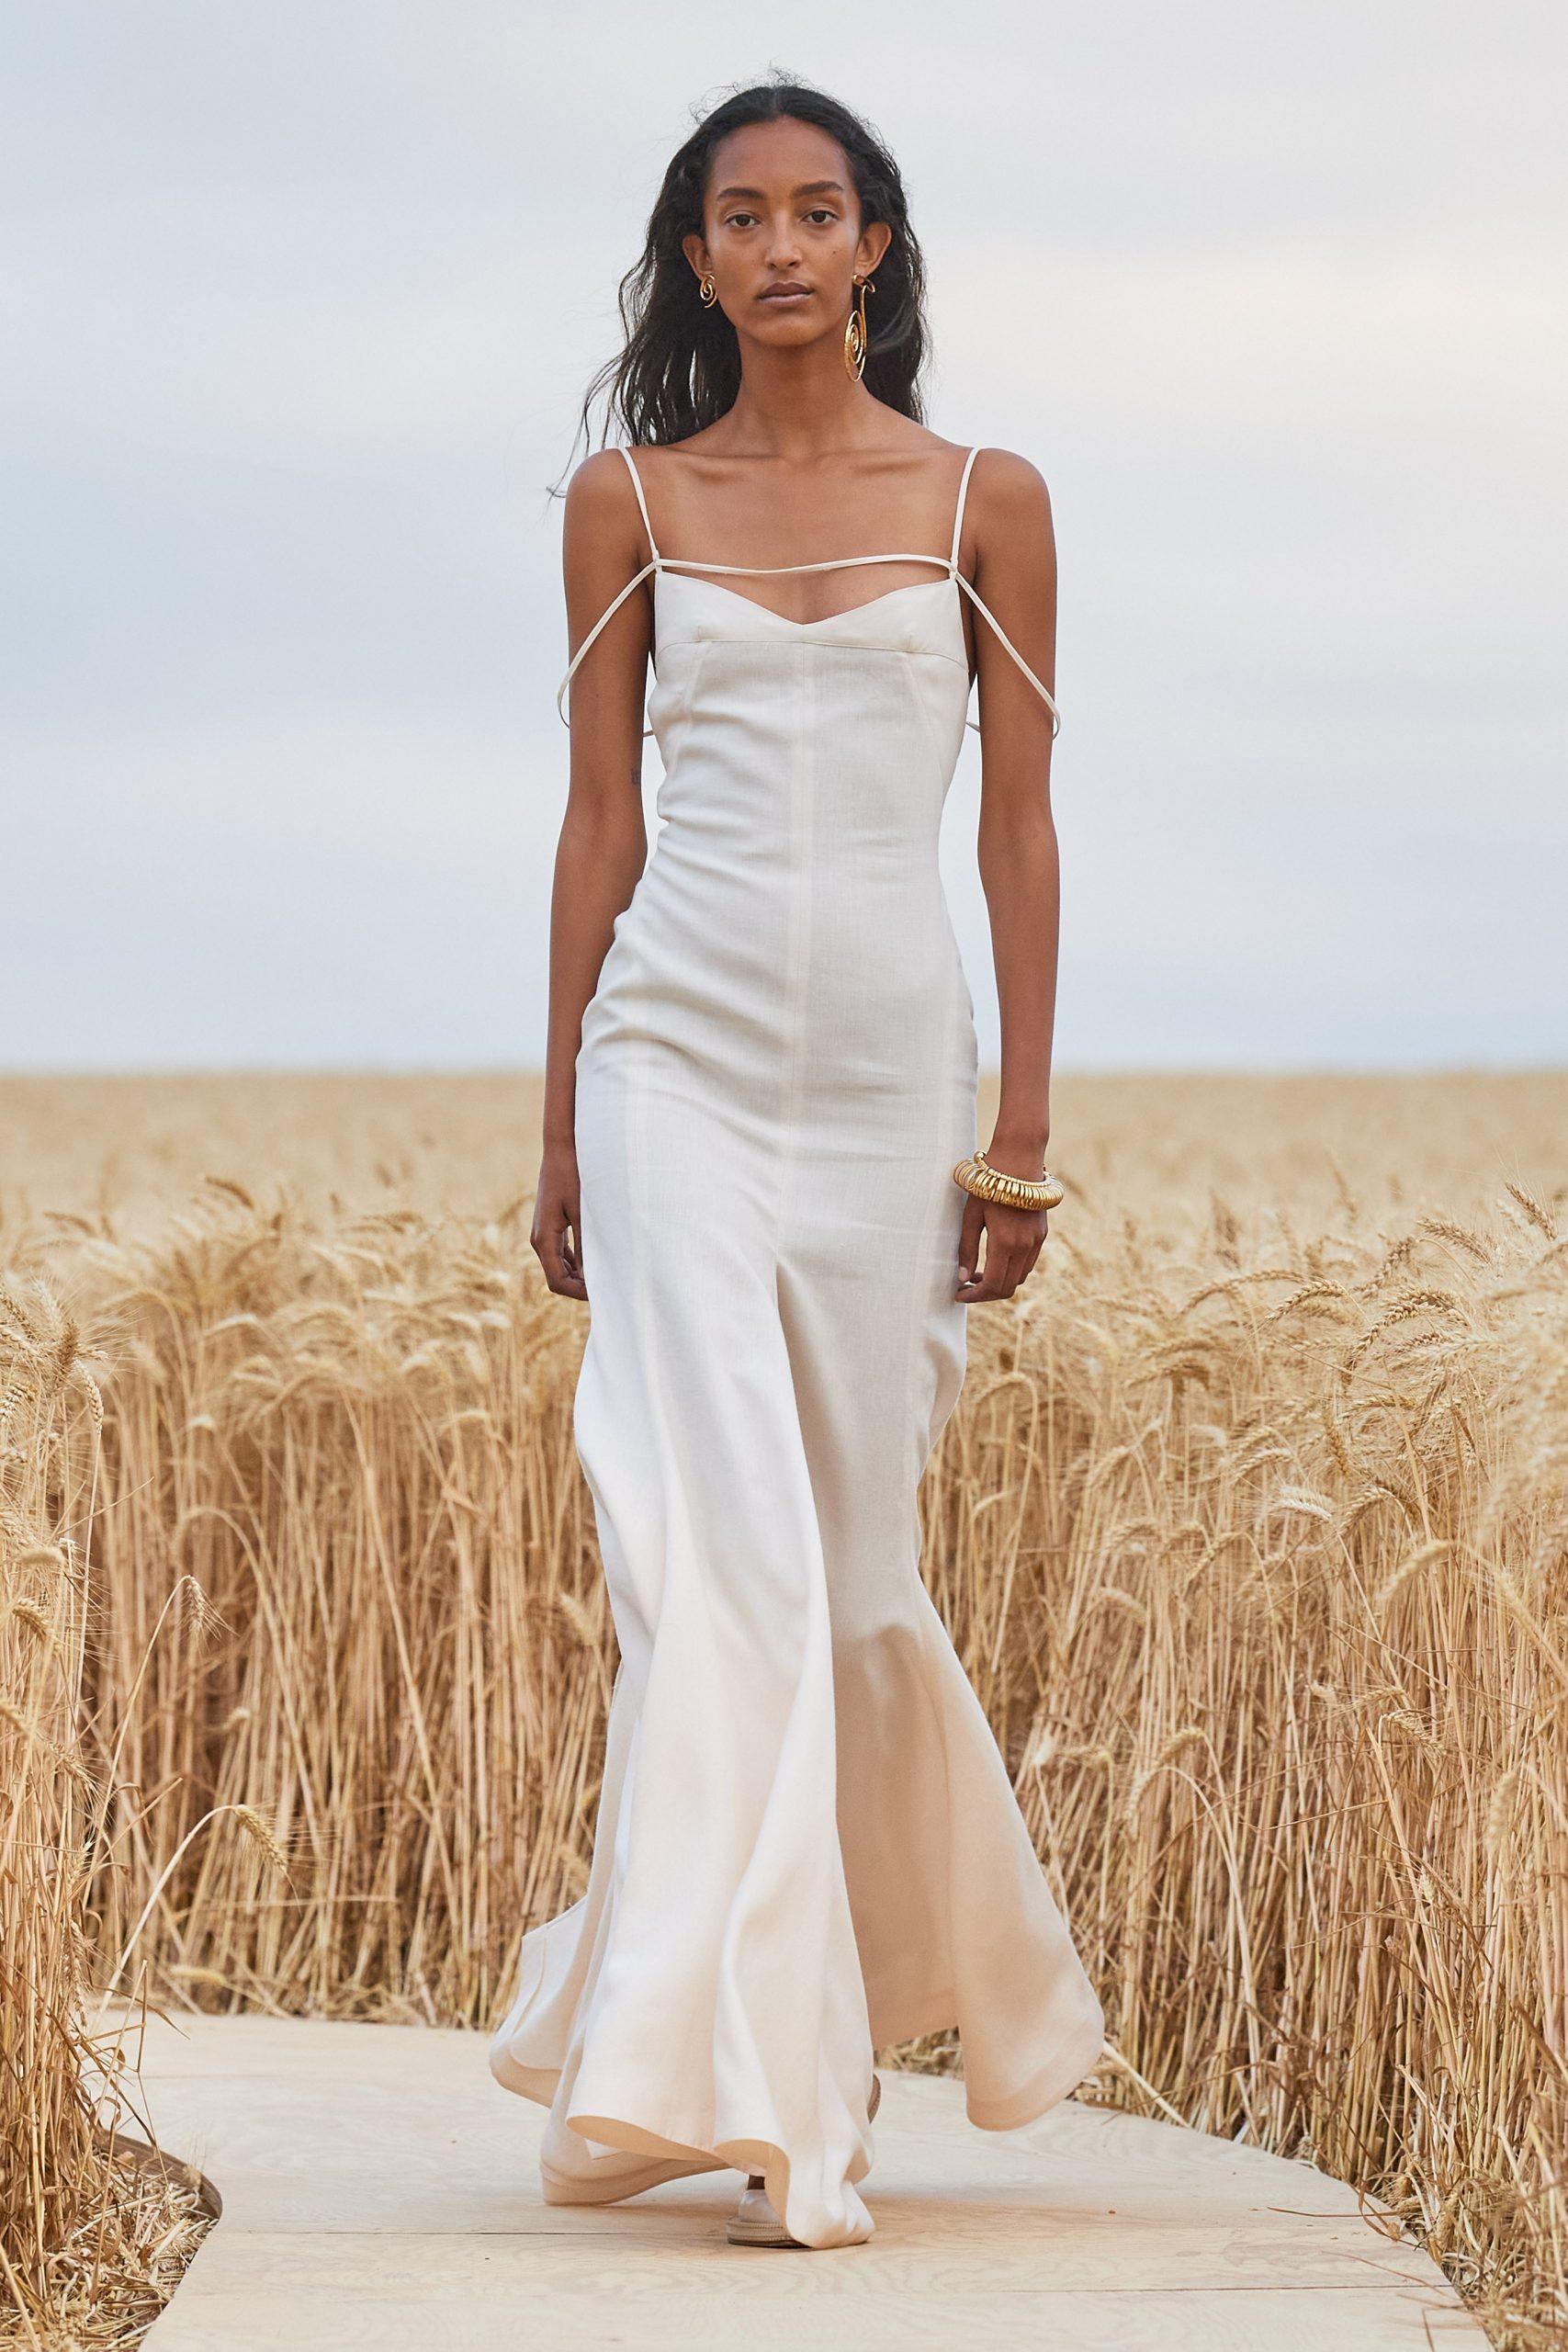 Jacquemus Spring 2021 L'Amour, desfile jacquemus spring 2021 - Wedding Hub - 01